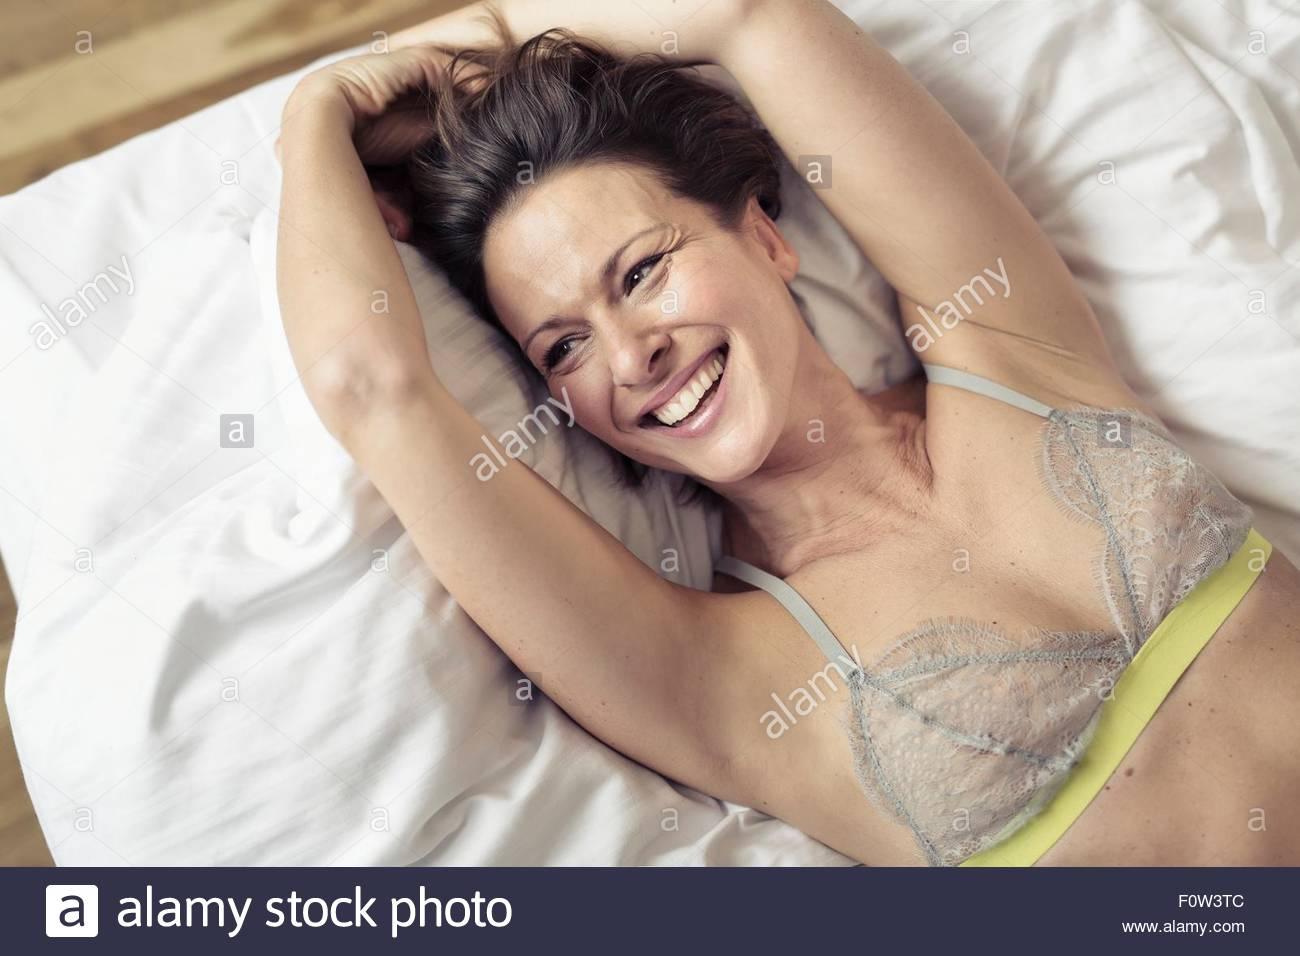 Vue de dessus de soutien-gorge mature woman lying on bed Photo Stock